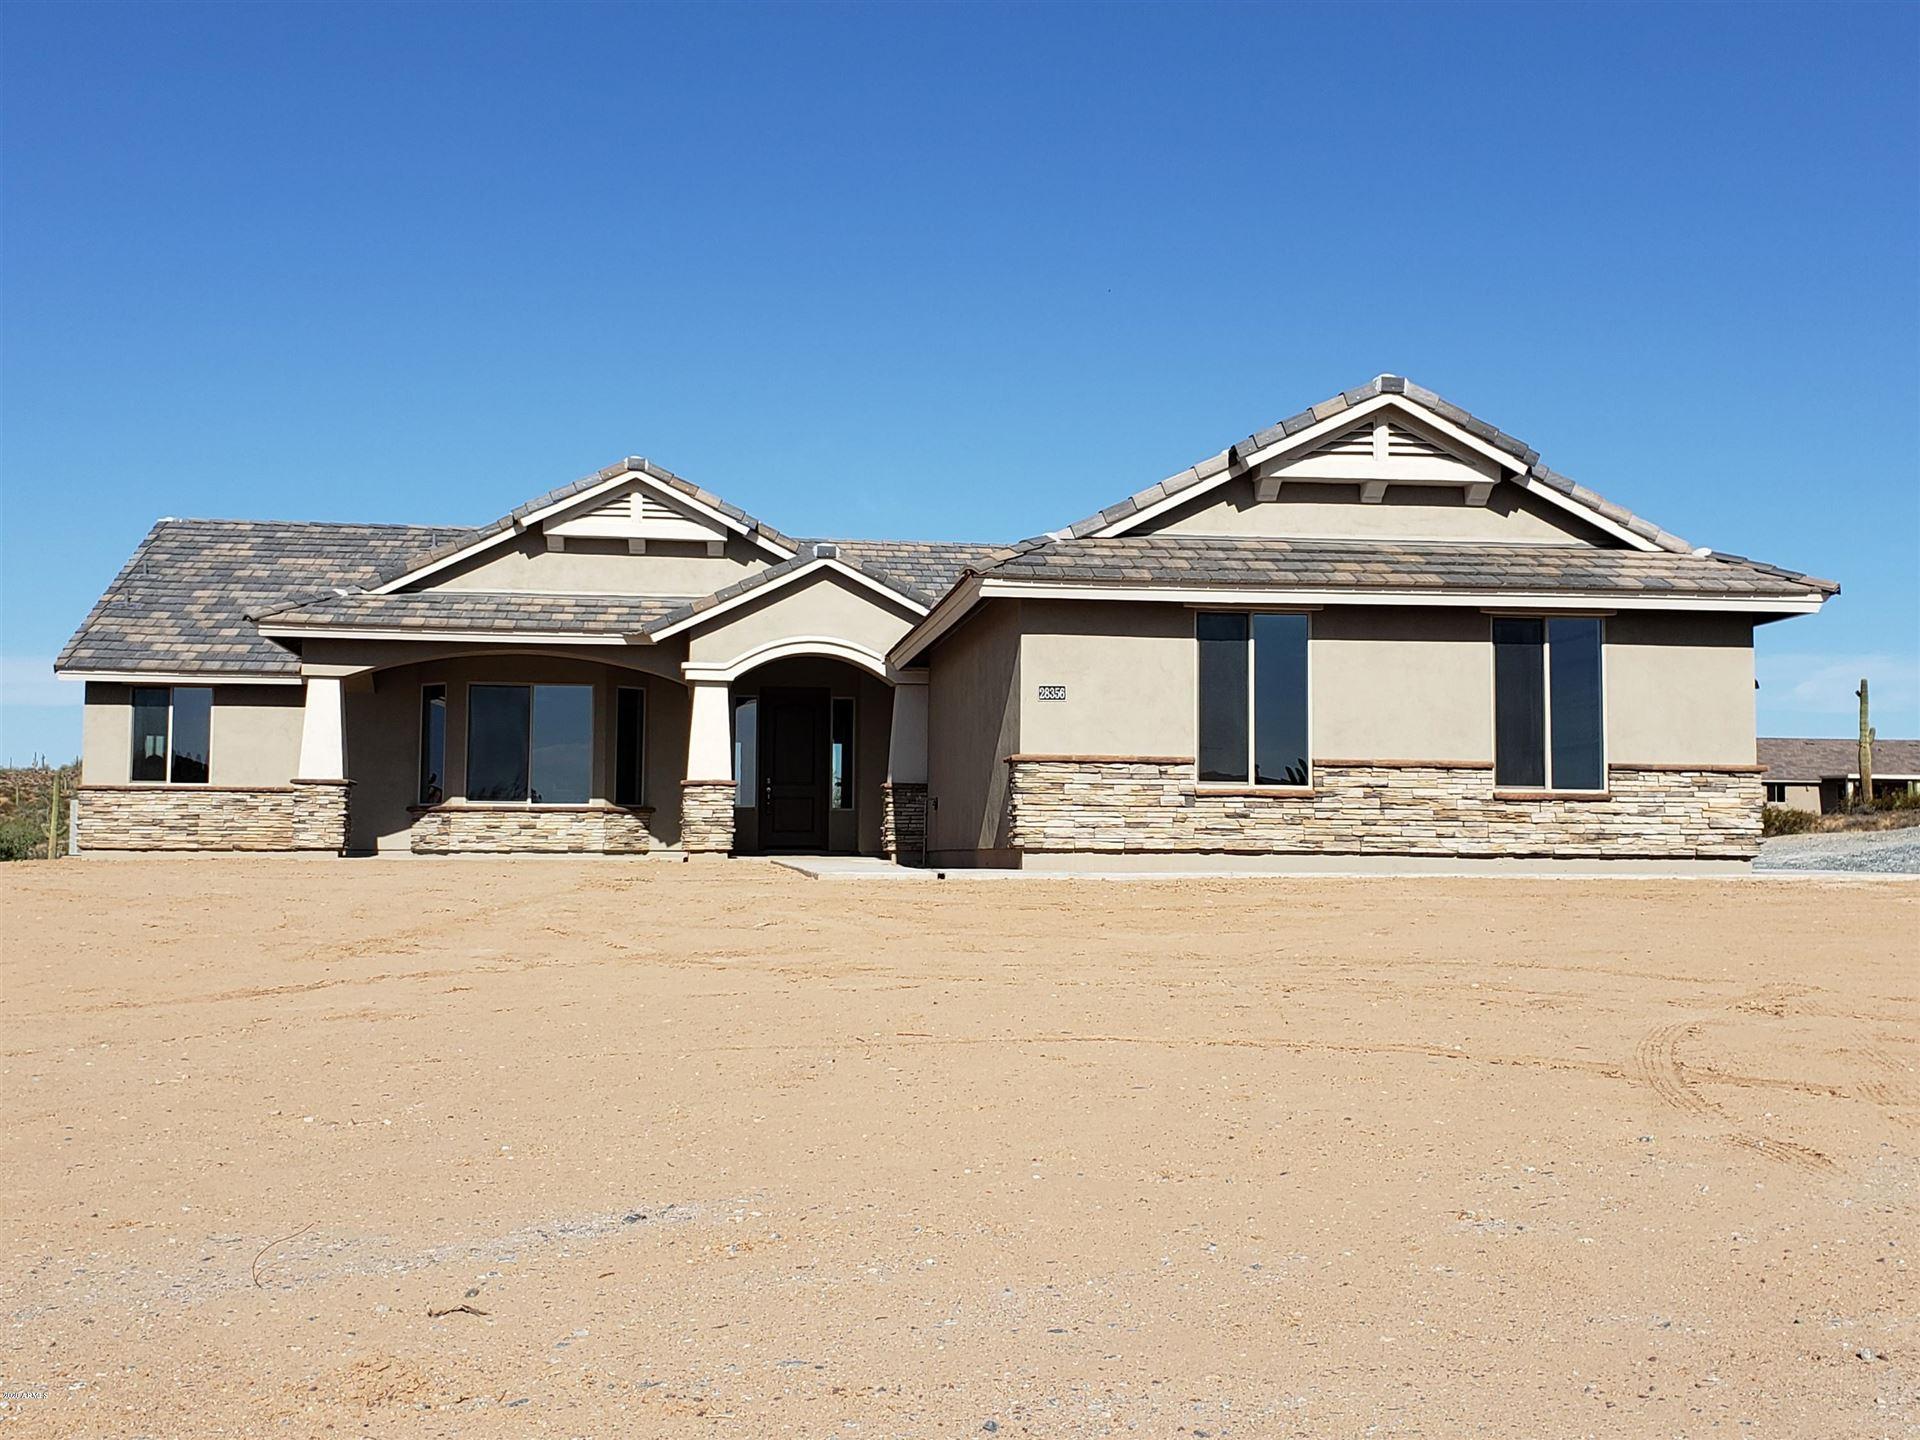 15923 E Desert Vista Trail, Scottsdale, AZ 85262 - #: 6054857